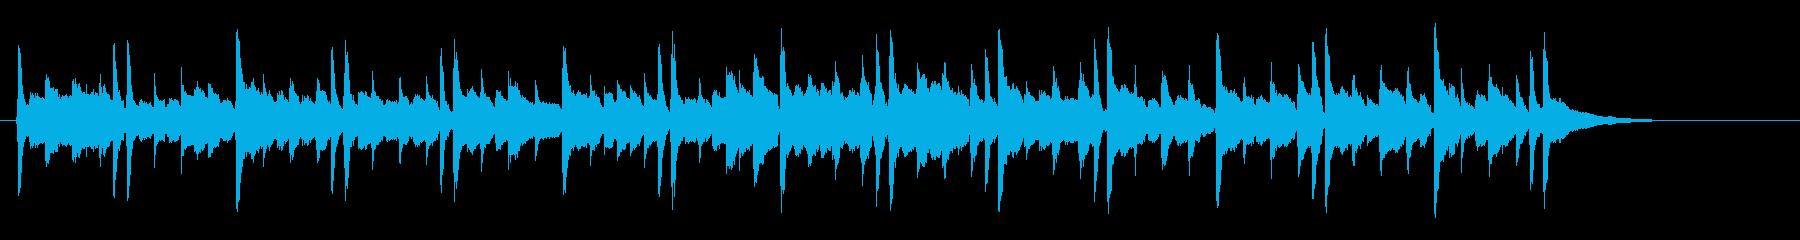 鳴り響くアルペジオギターは、きらめ...の再生済みの波形